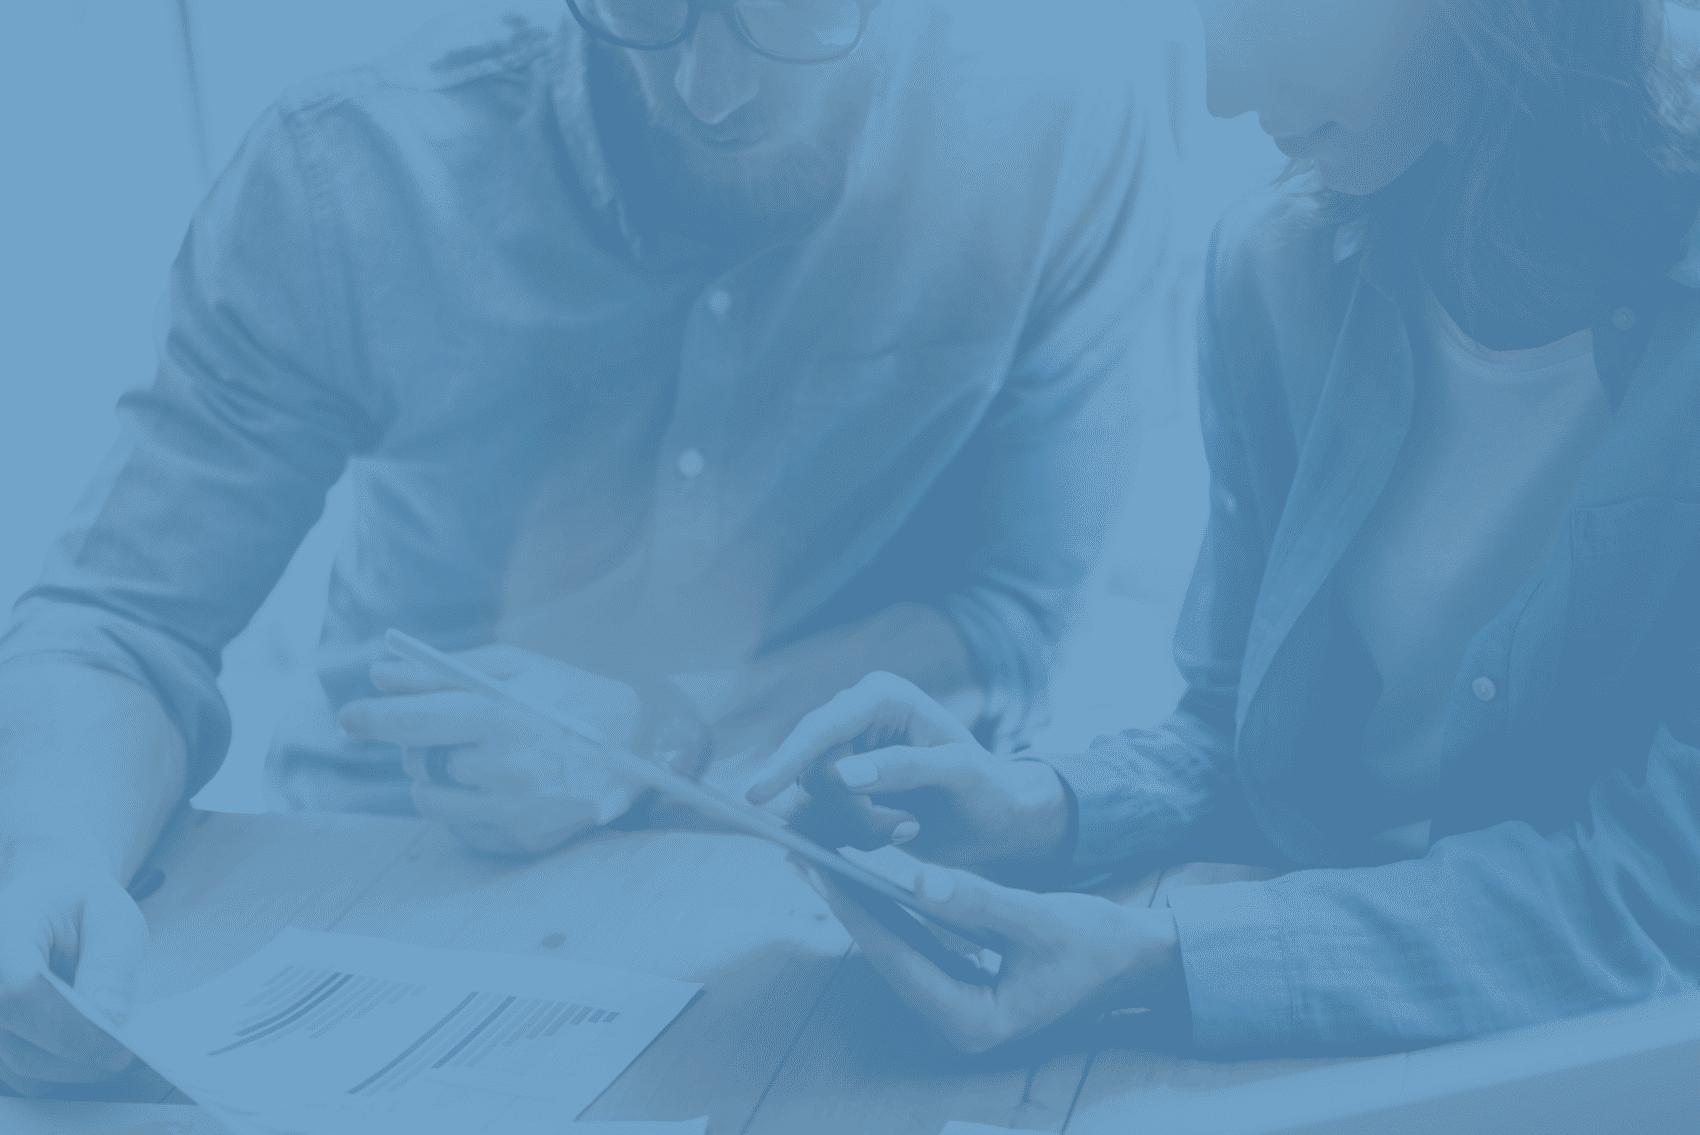 Comment recruter un responsable marketing qui va vous générer des leads?